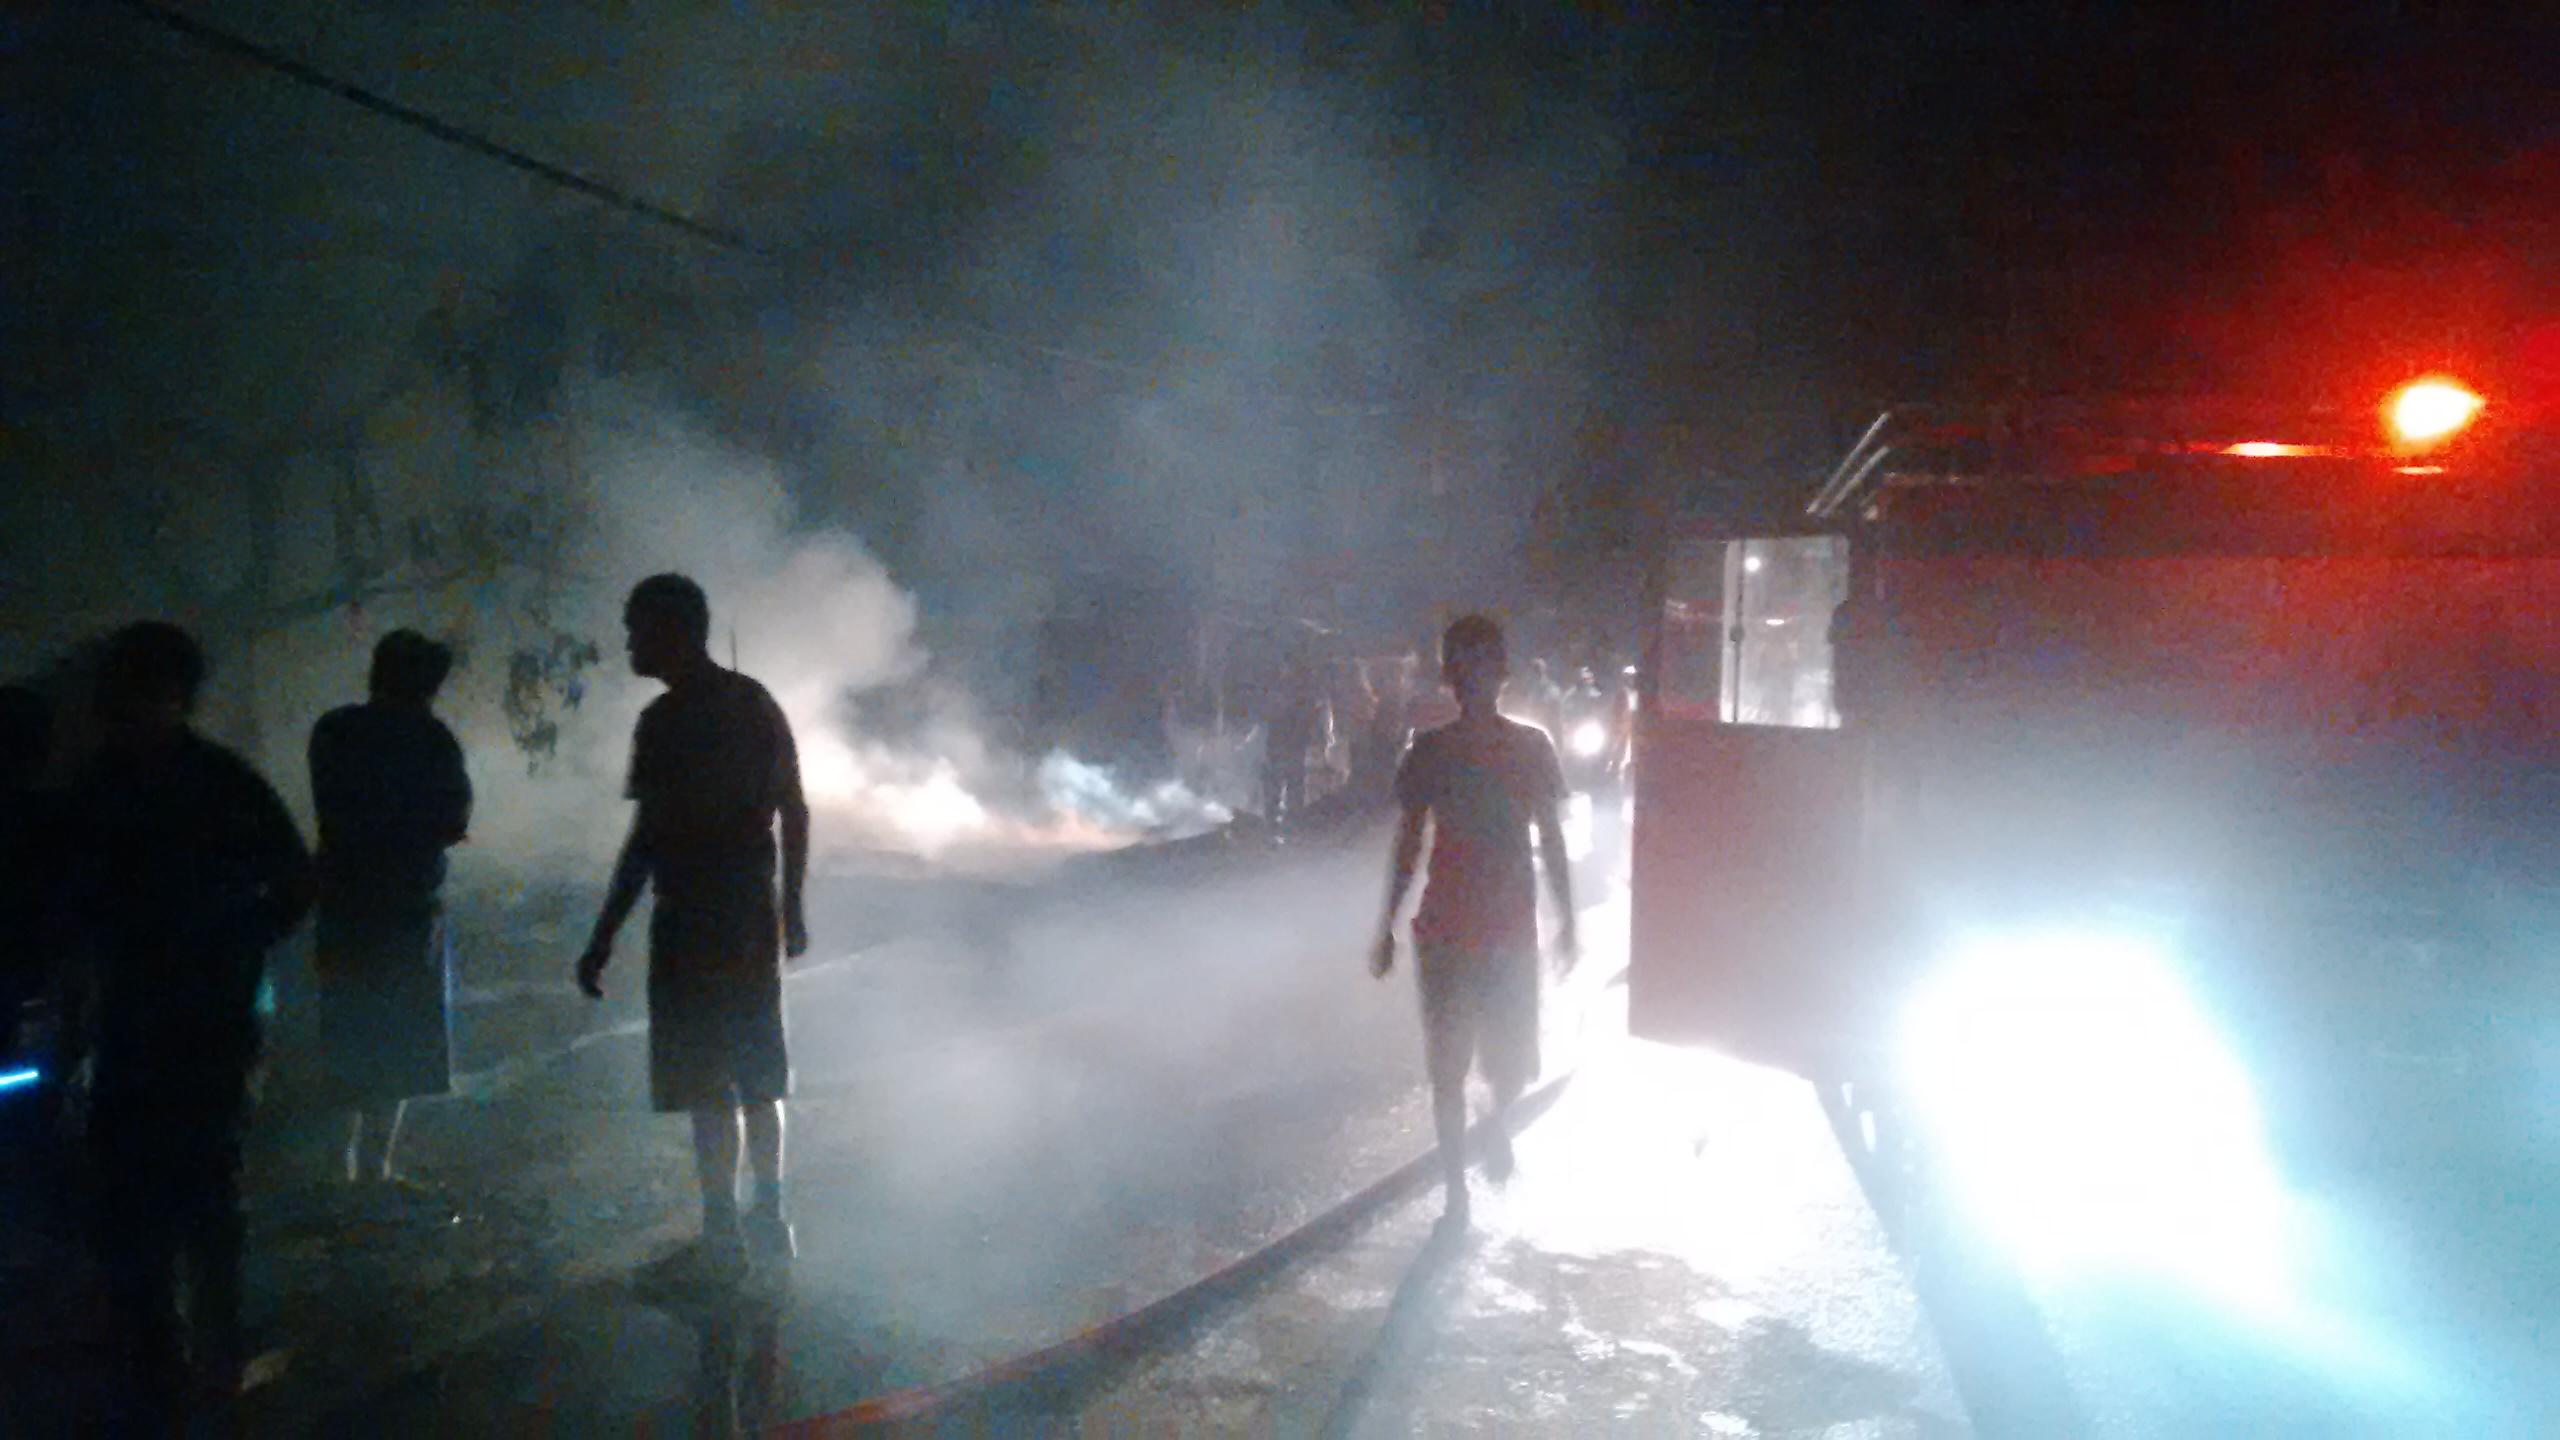 Kebakaran, Yusfik : Nanti Kalau Sudah Selesai Diberi Keterangan